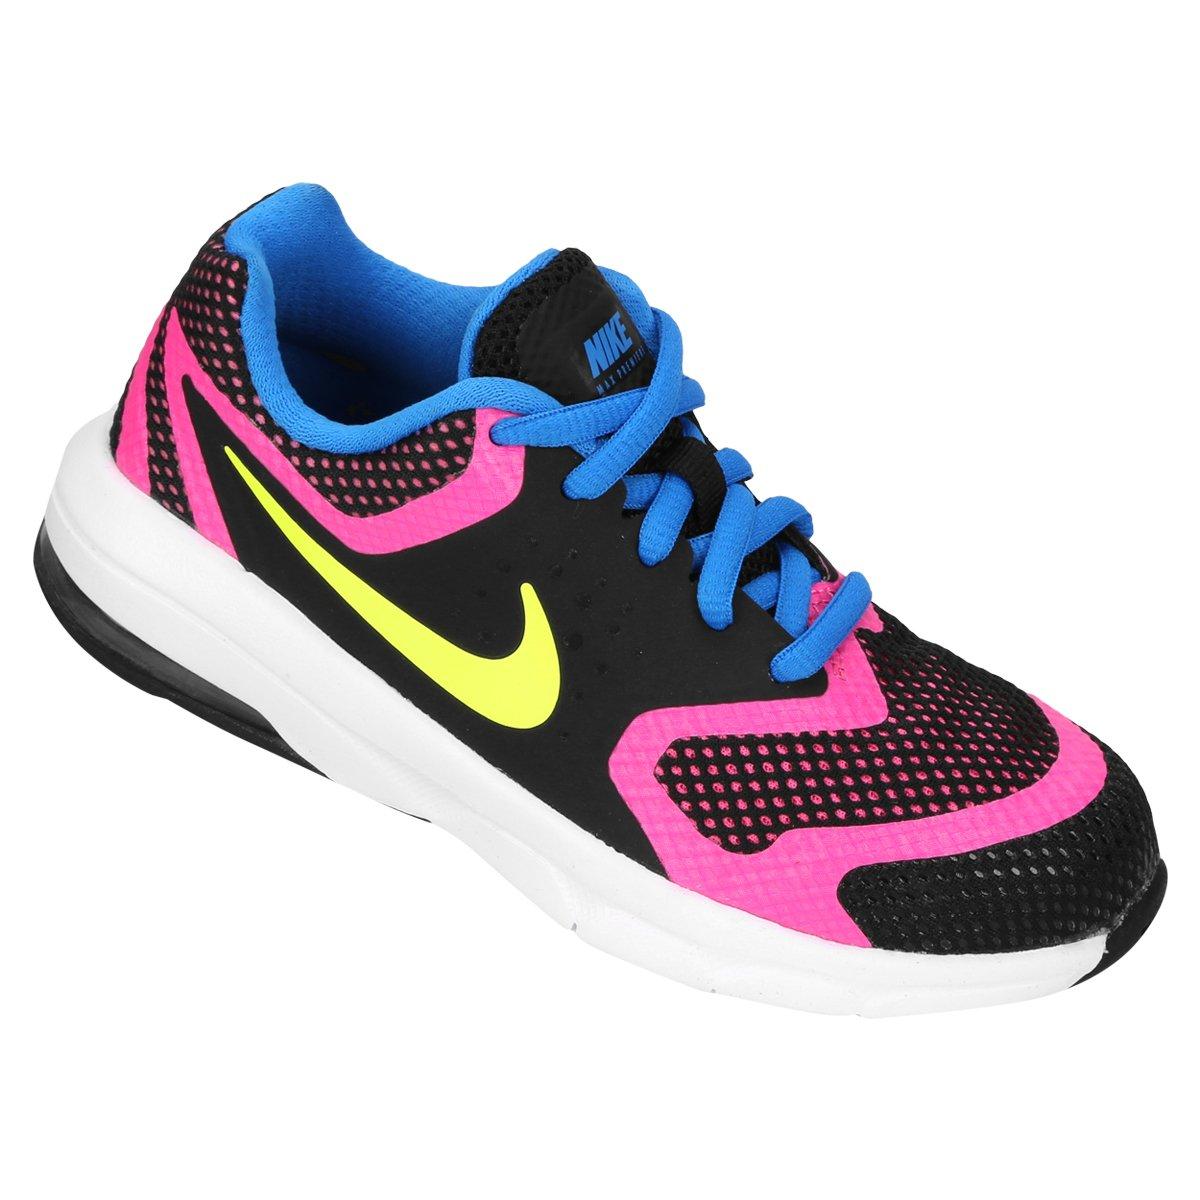 a1040725ffd Tênis Nike Air Max Premiere Run Infantil - Compre Agora